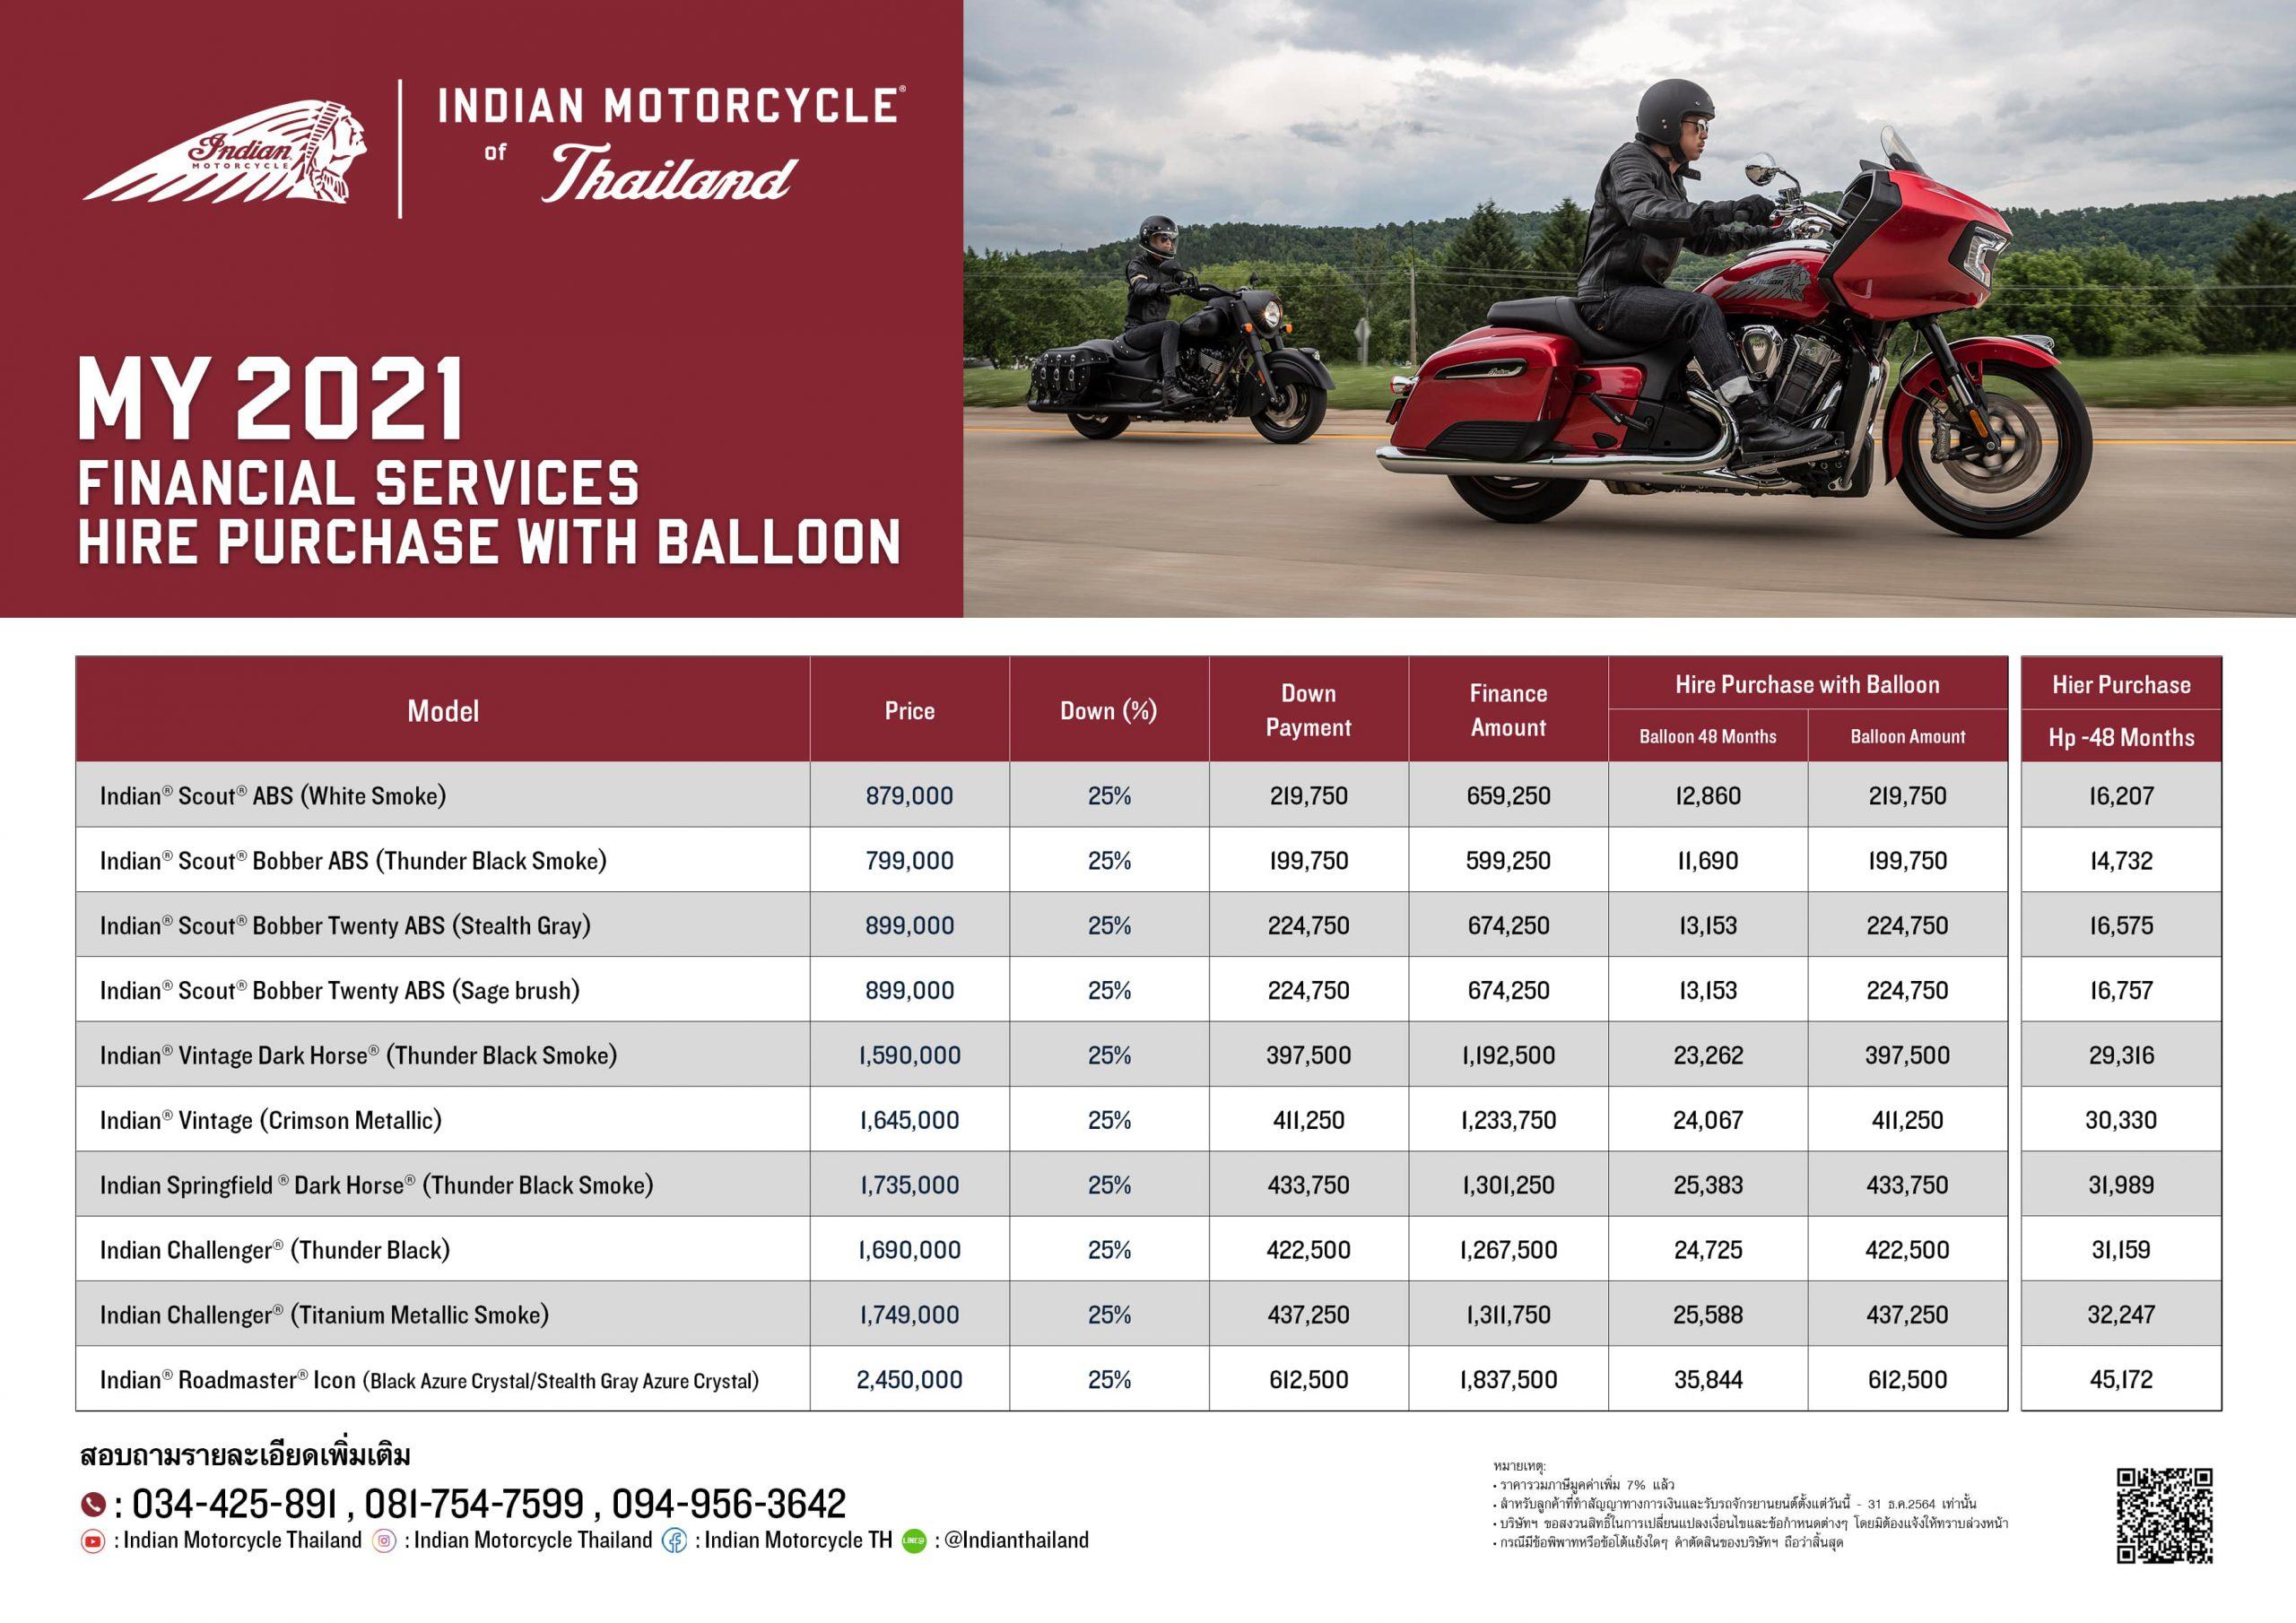 ตารางผ่อนดาวน์จักรยานยนต์ Indian Motorcycle Thailand แต่ละรุ่น